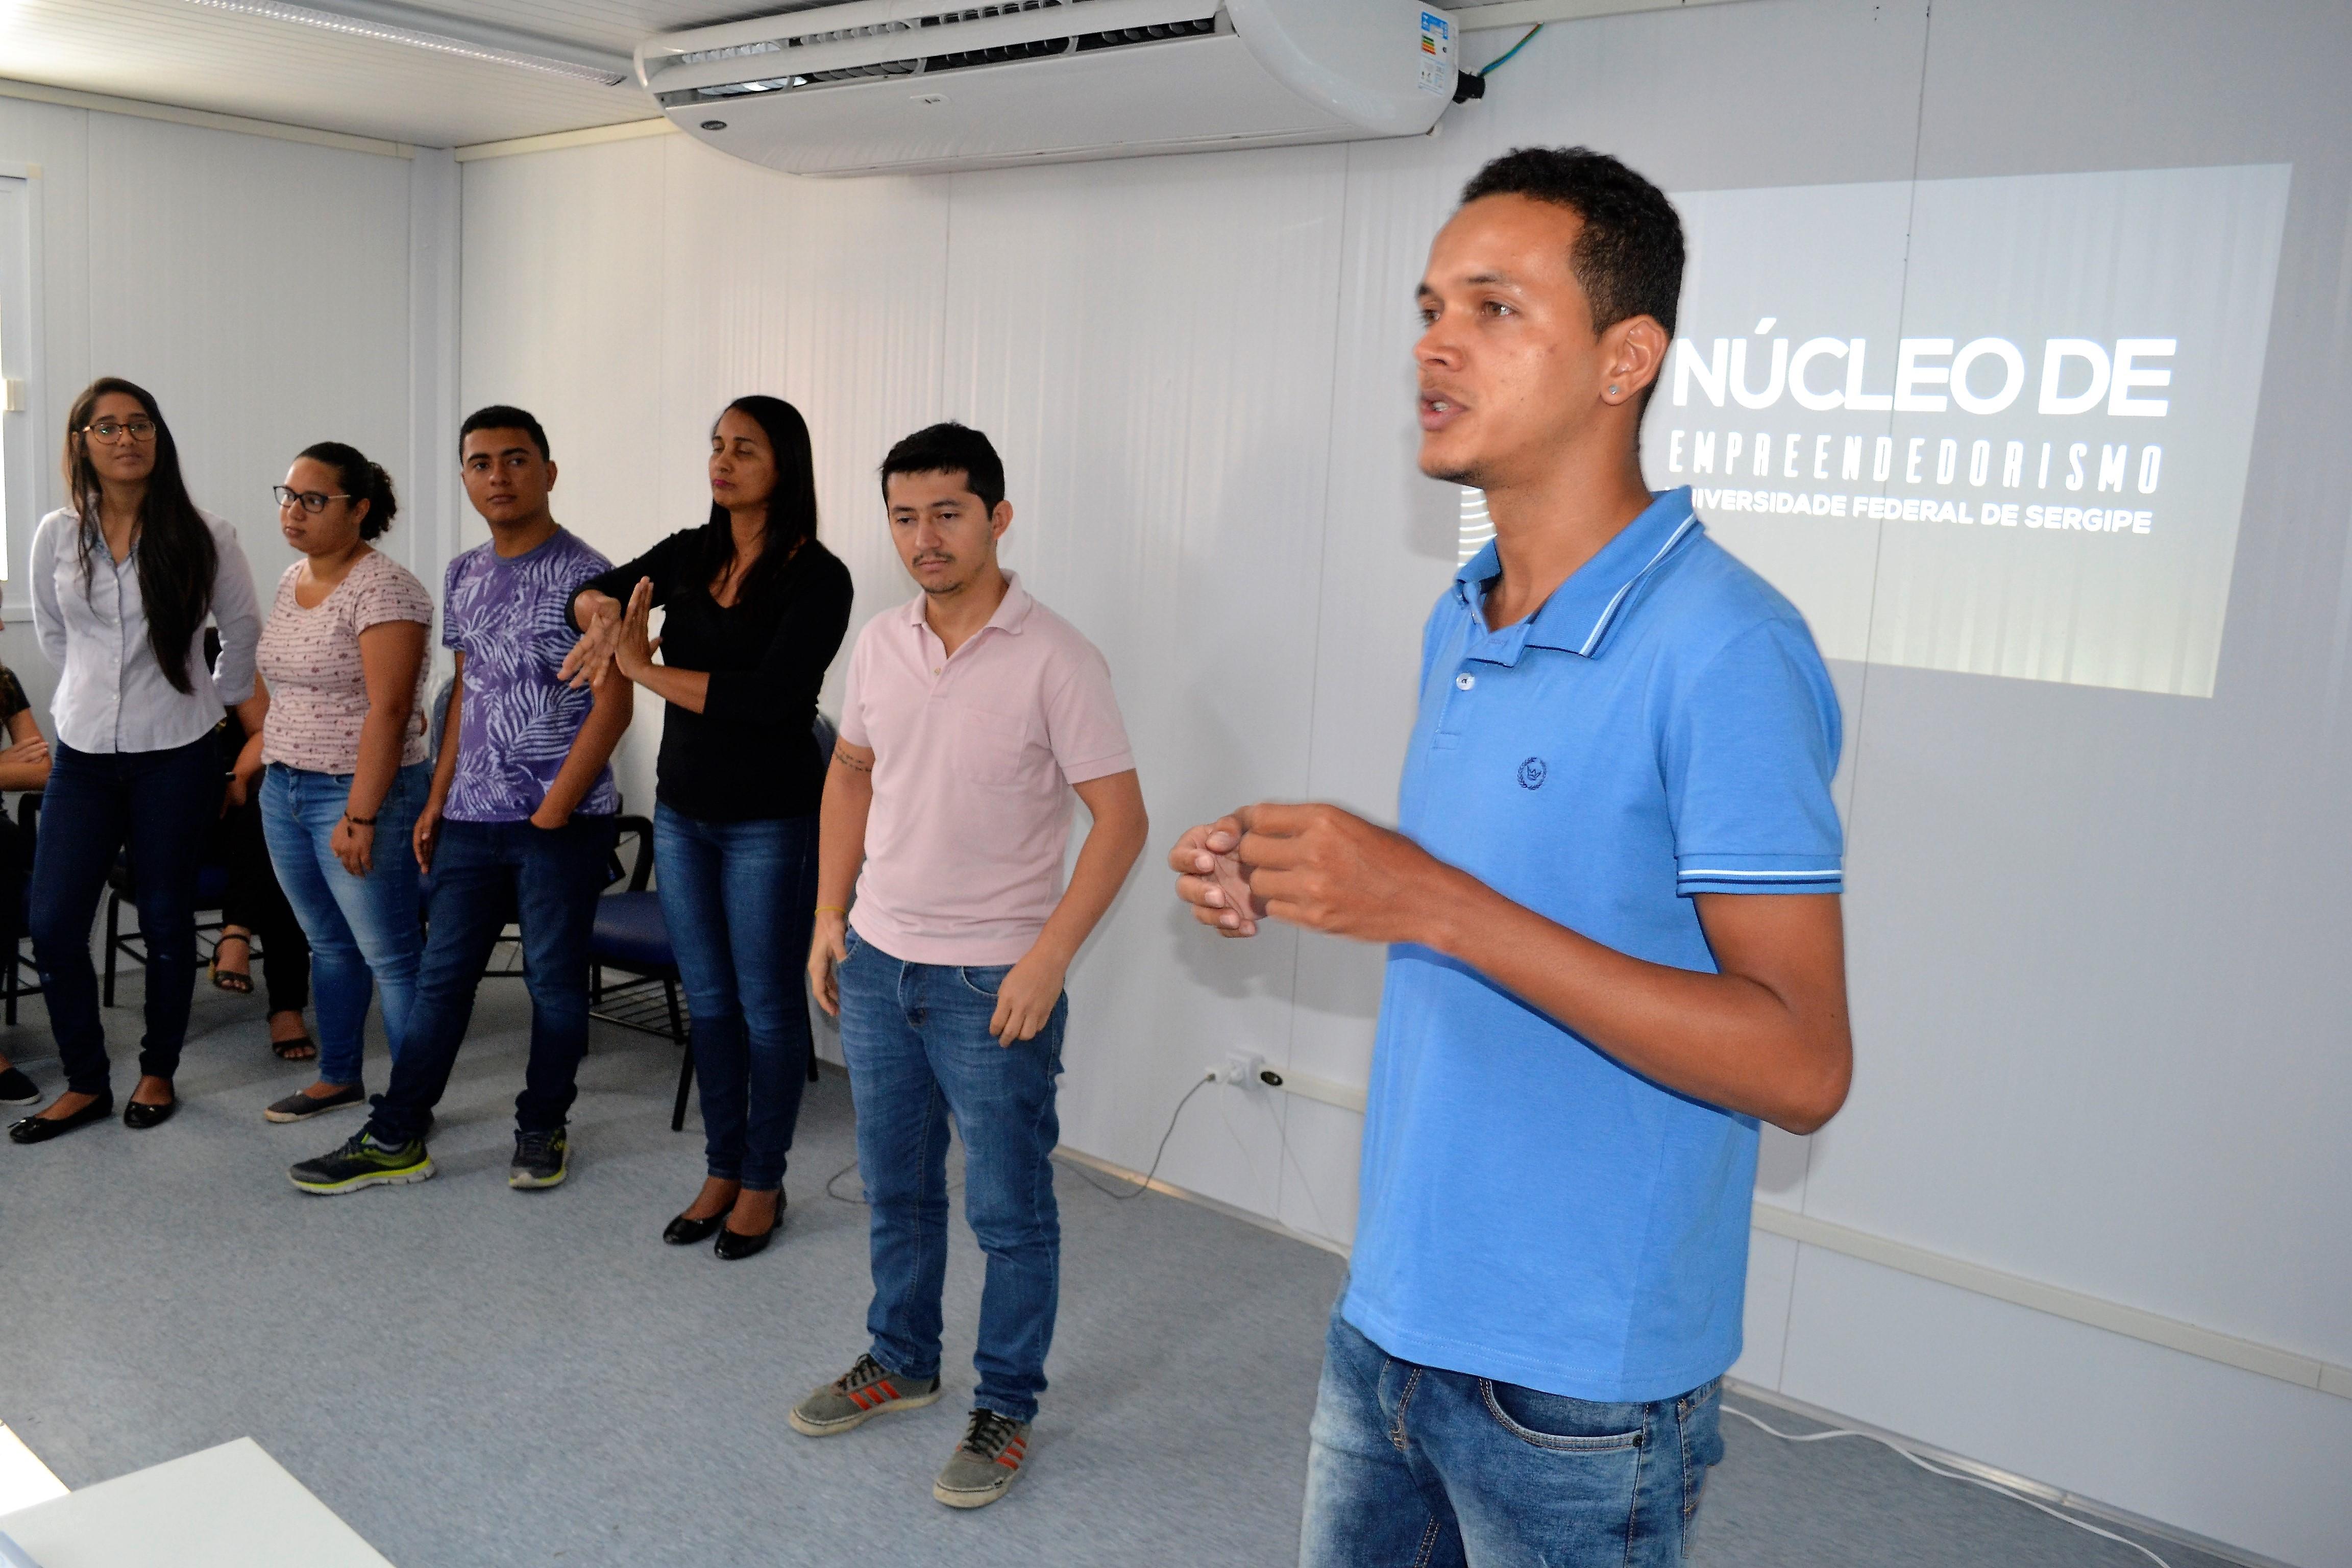 #PraCegoVer - Alunos de Empreendedorismo apresentam projeto